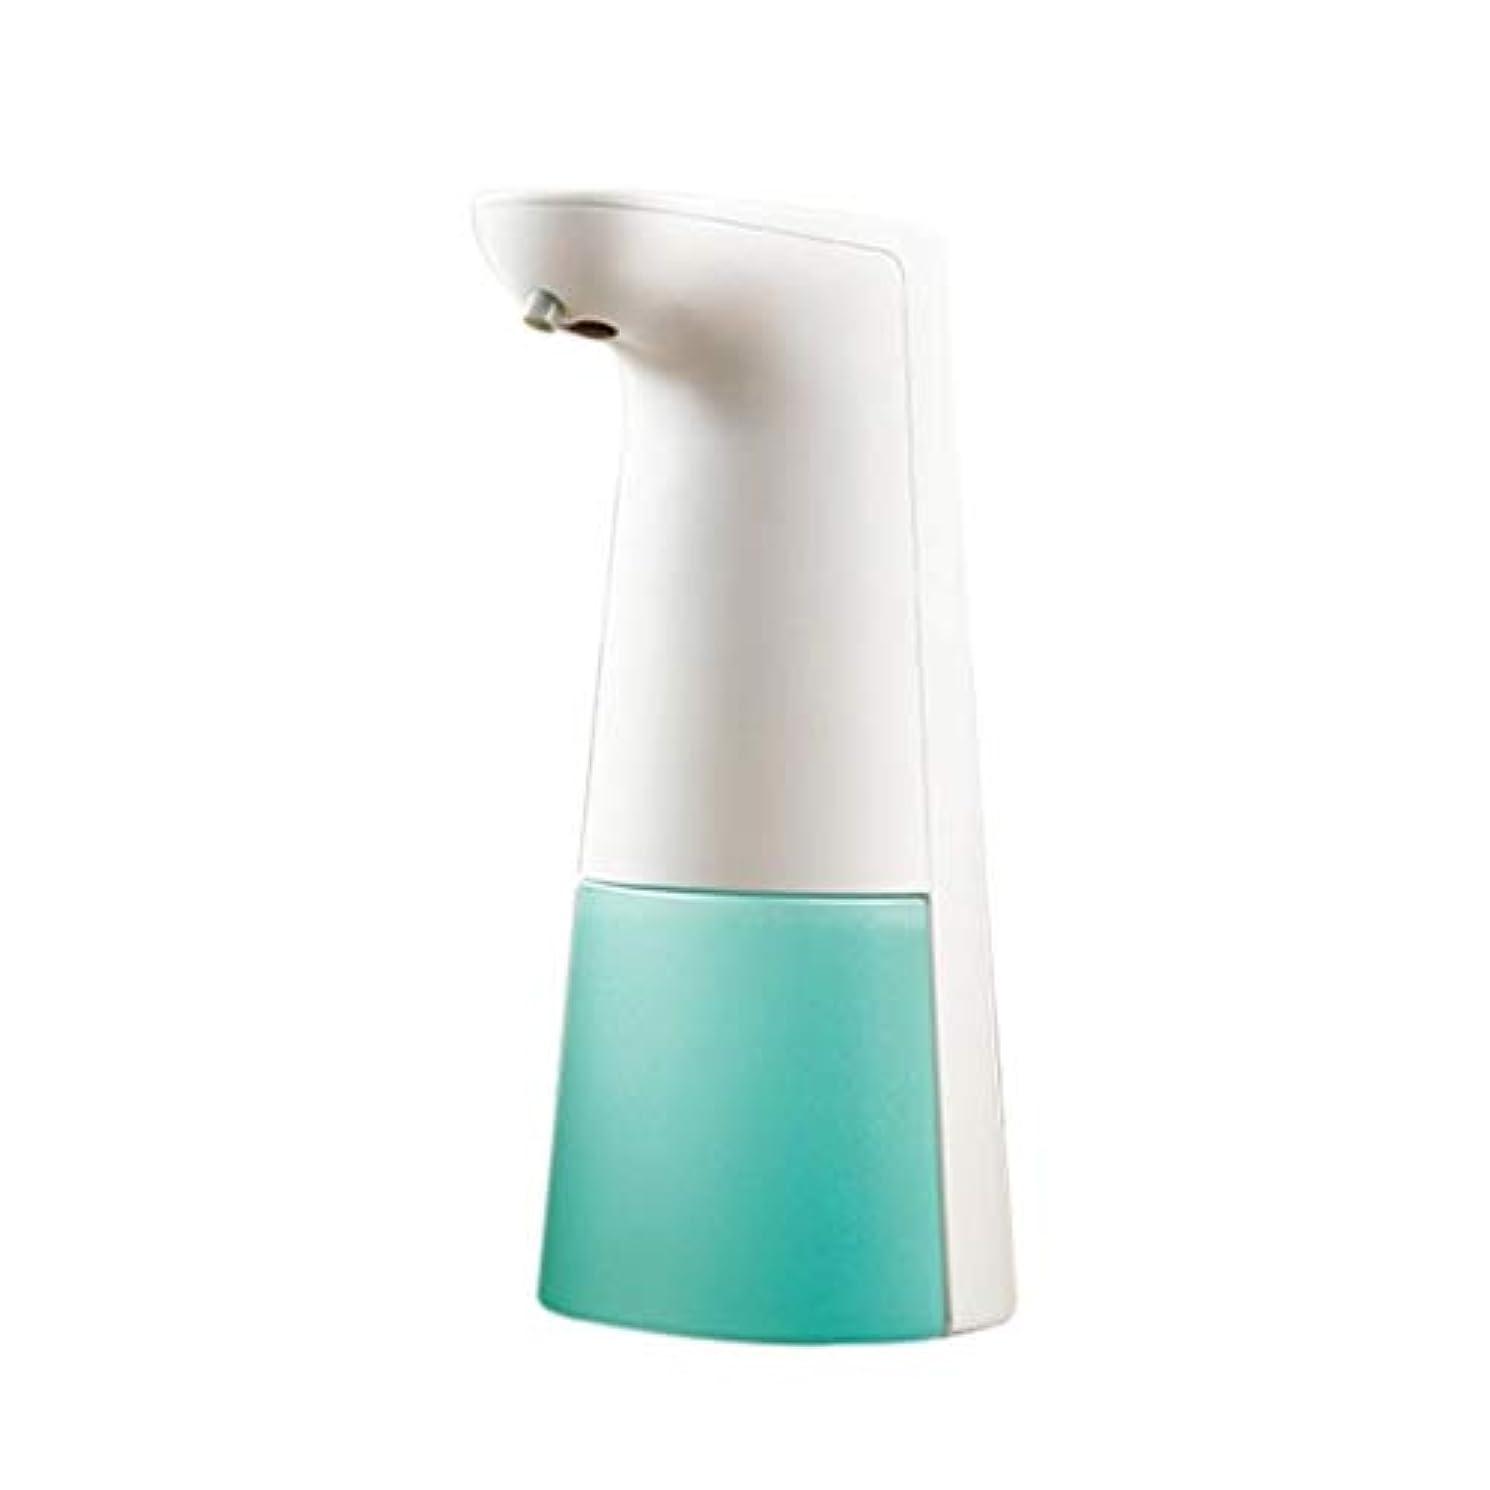 部肺必須泡の台所浴室の流しの液体石鹸の瓶250mlのプラスチック石鹸箱のローション(色:白、サイズ:20.4 * 11.6 * 8.9cm) (Color : White, Size : 20.4*11.6*8.9cm)